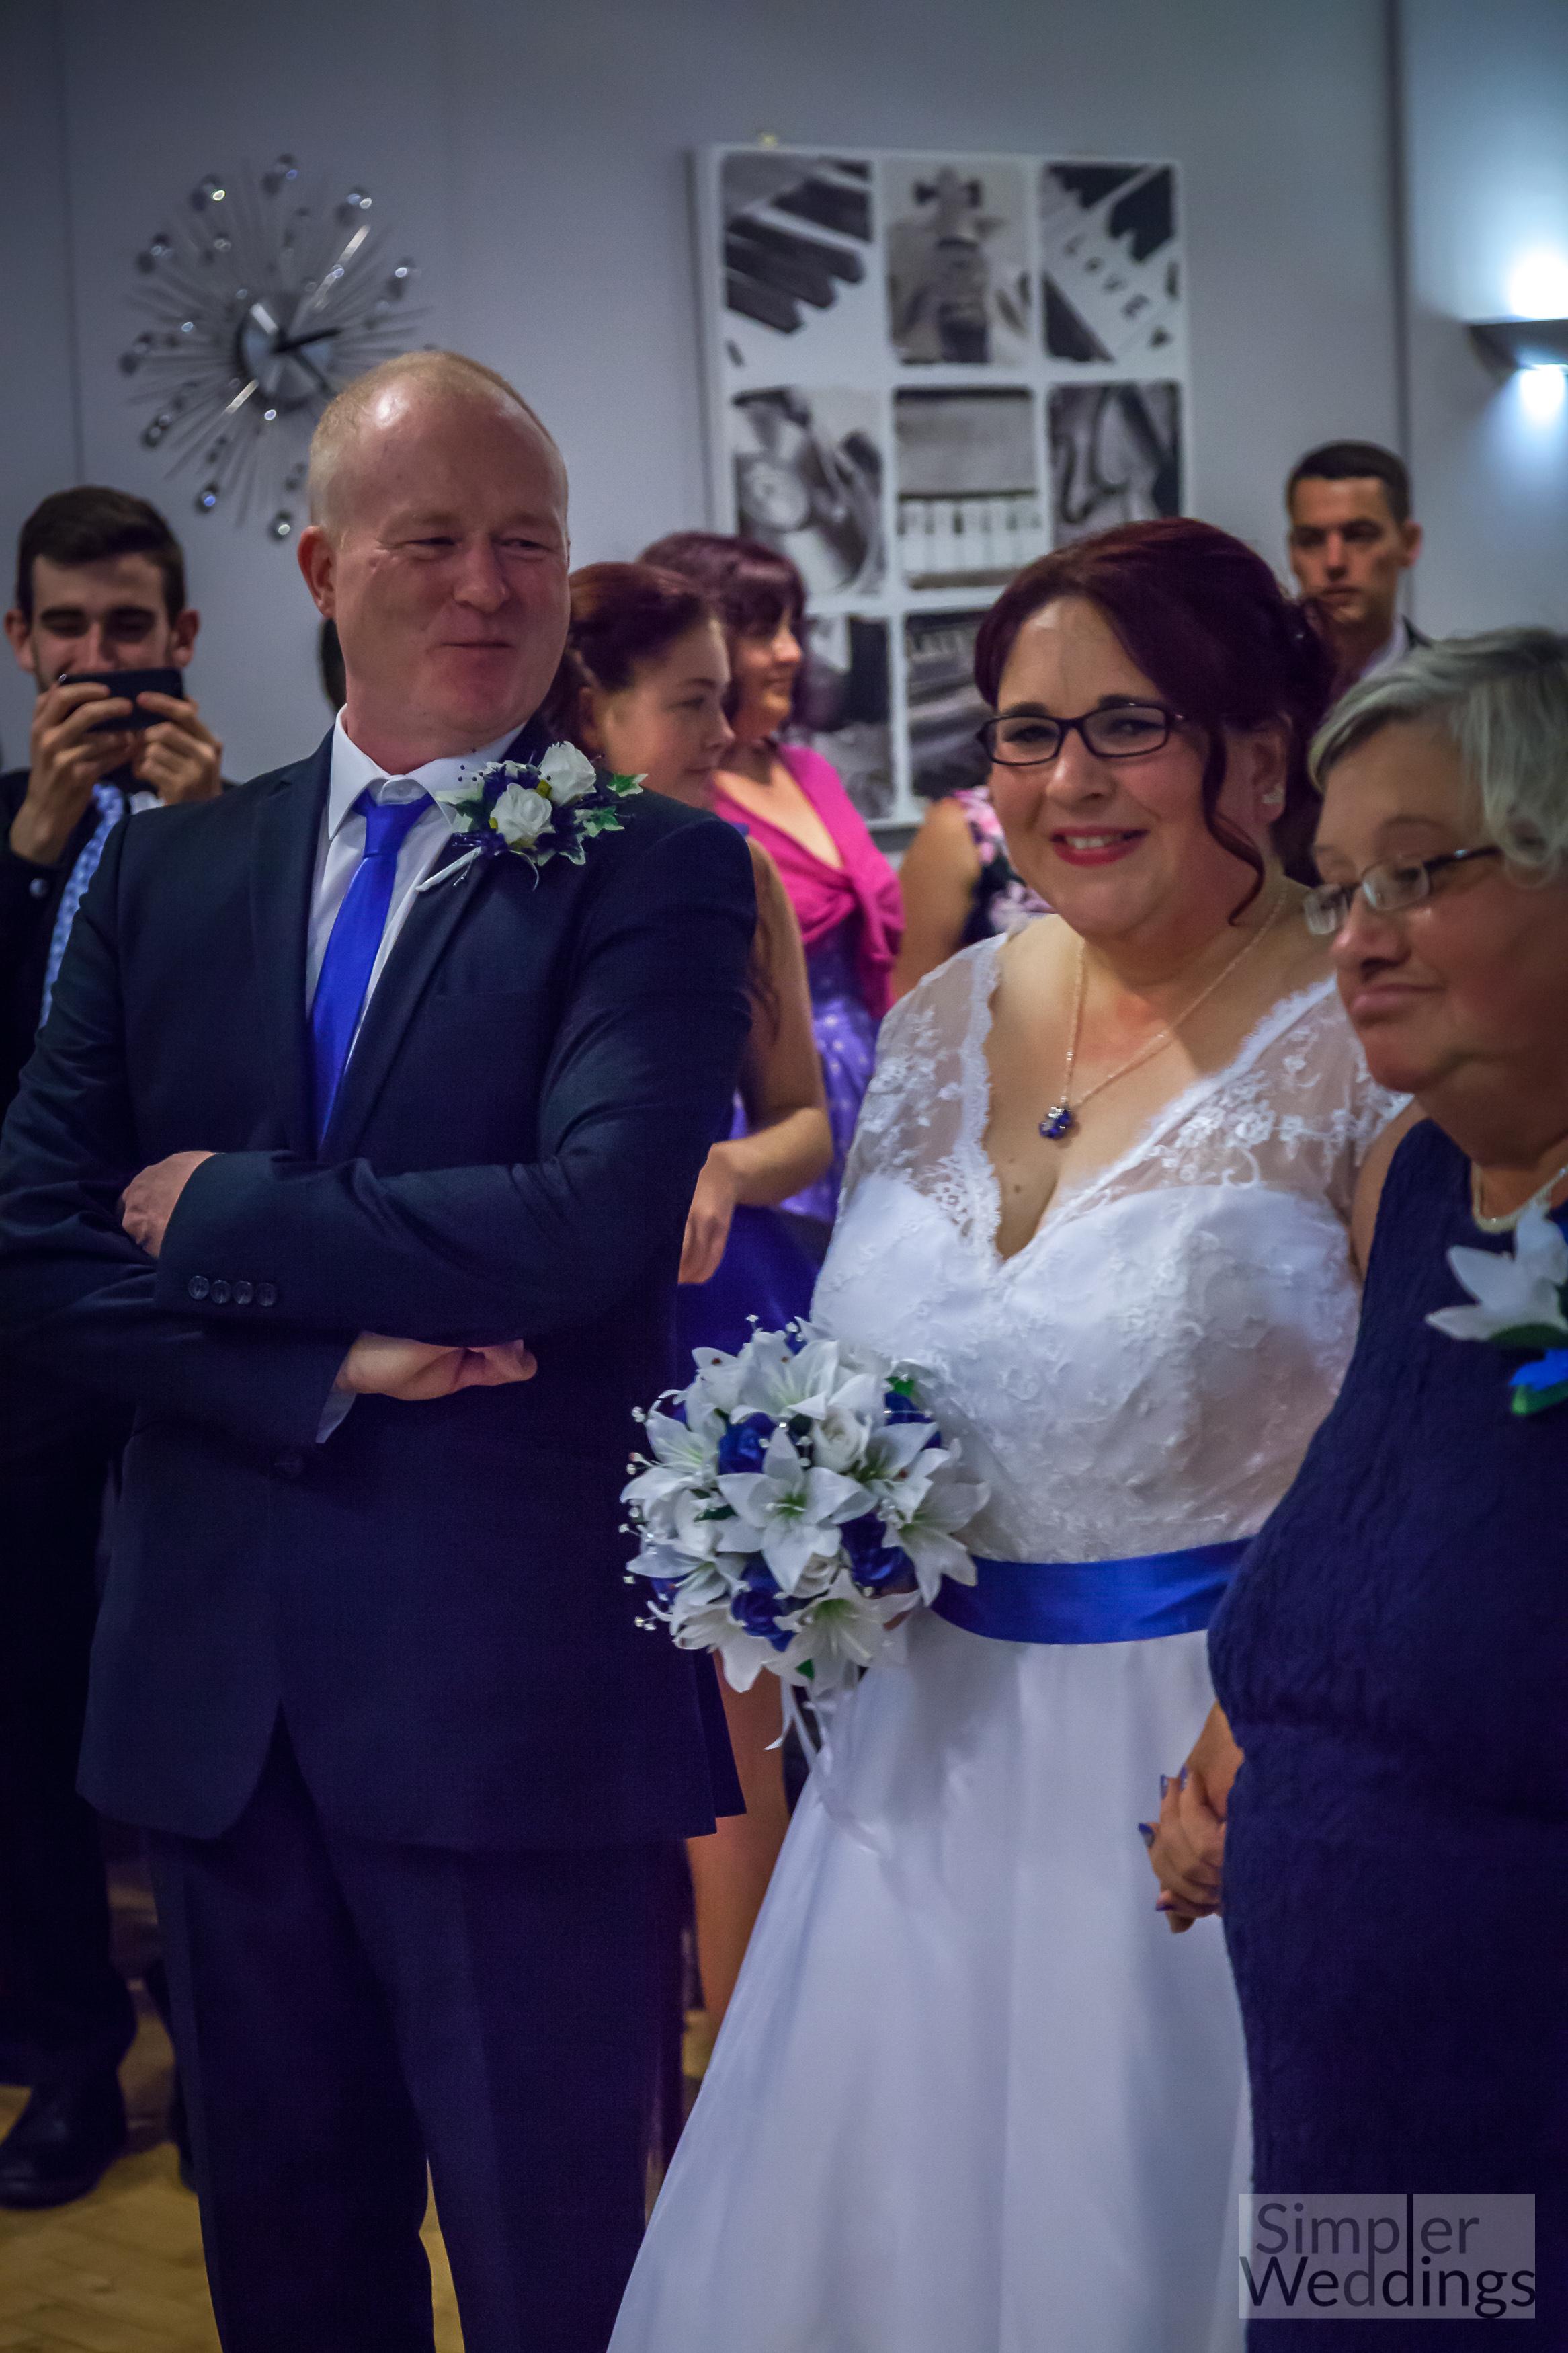 simpler-weddings-38.jpg